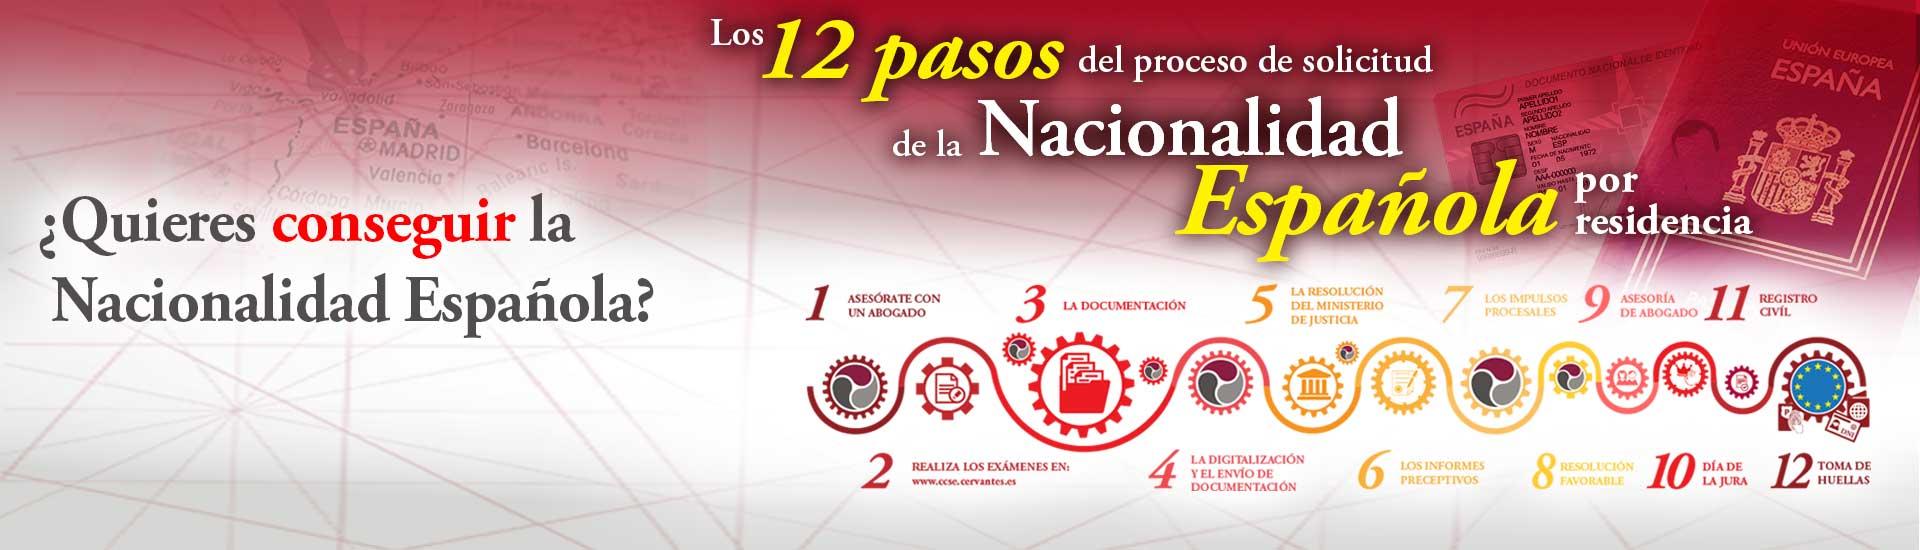 Slide Nacionalidad Española Habeas Legal 2021 - Abogados Internacionales especializados en Extranjería, Inmigración y Laboral